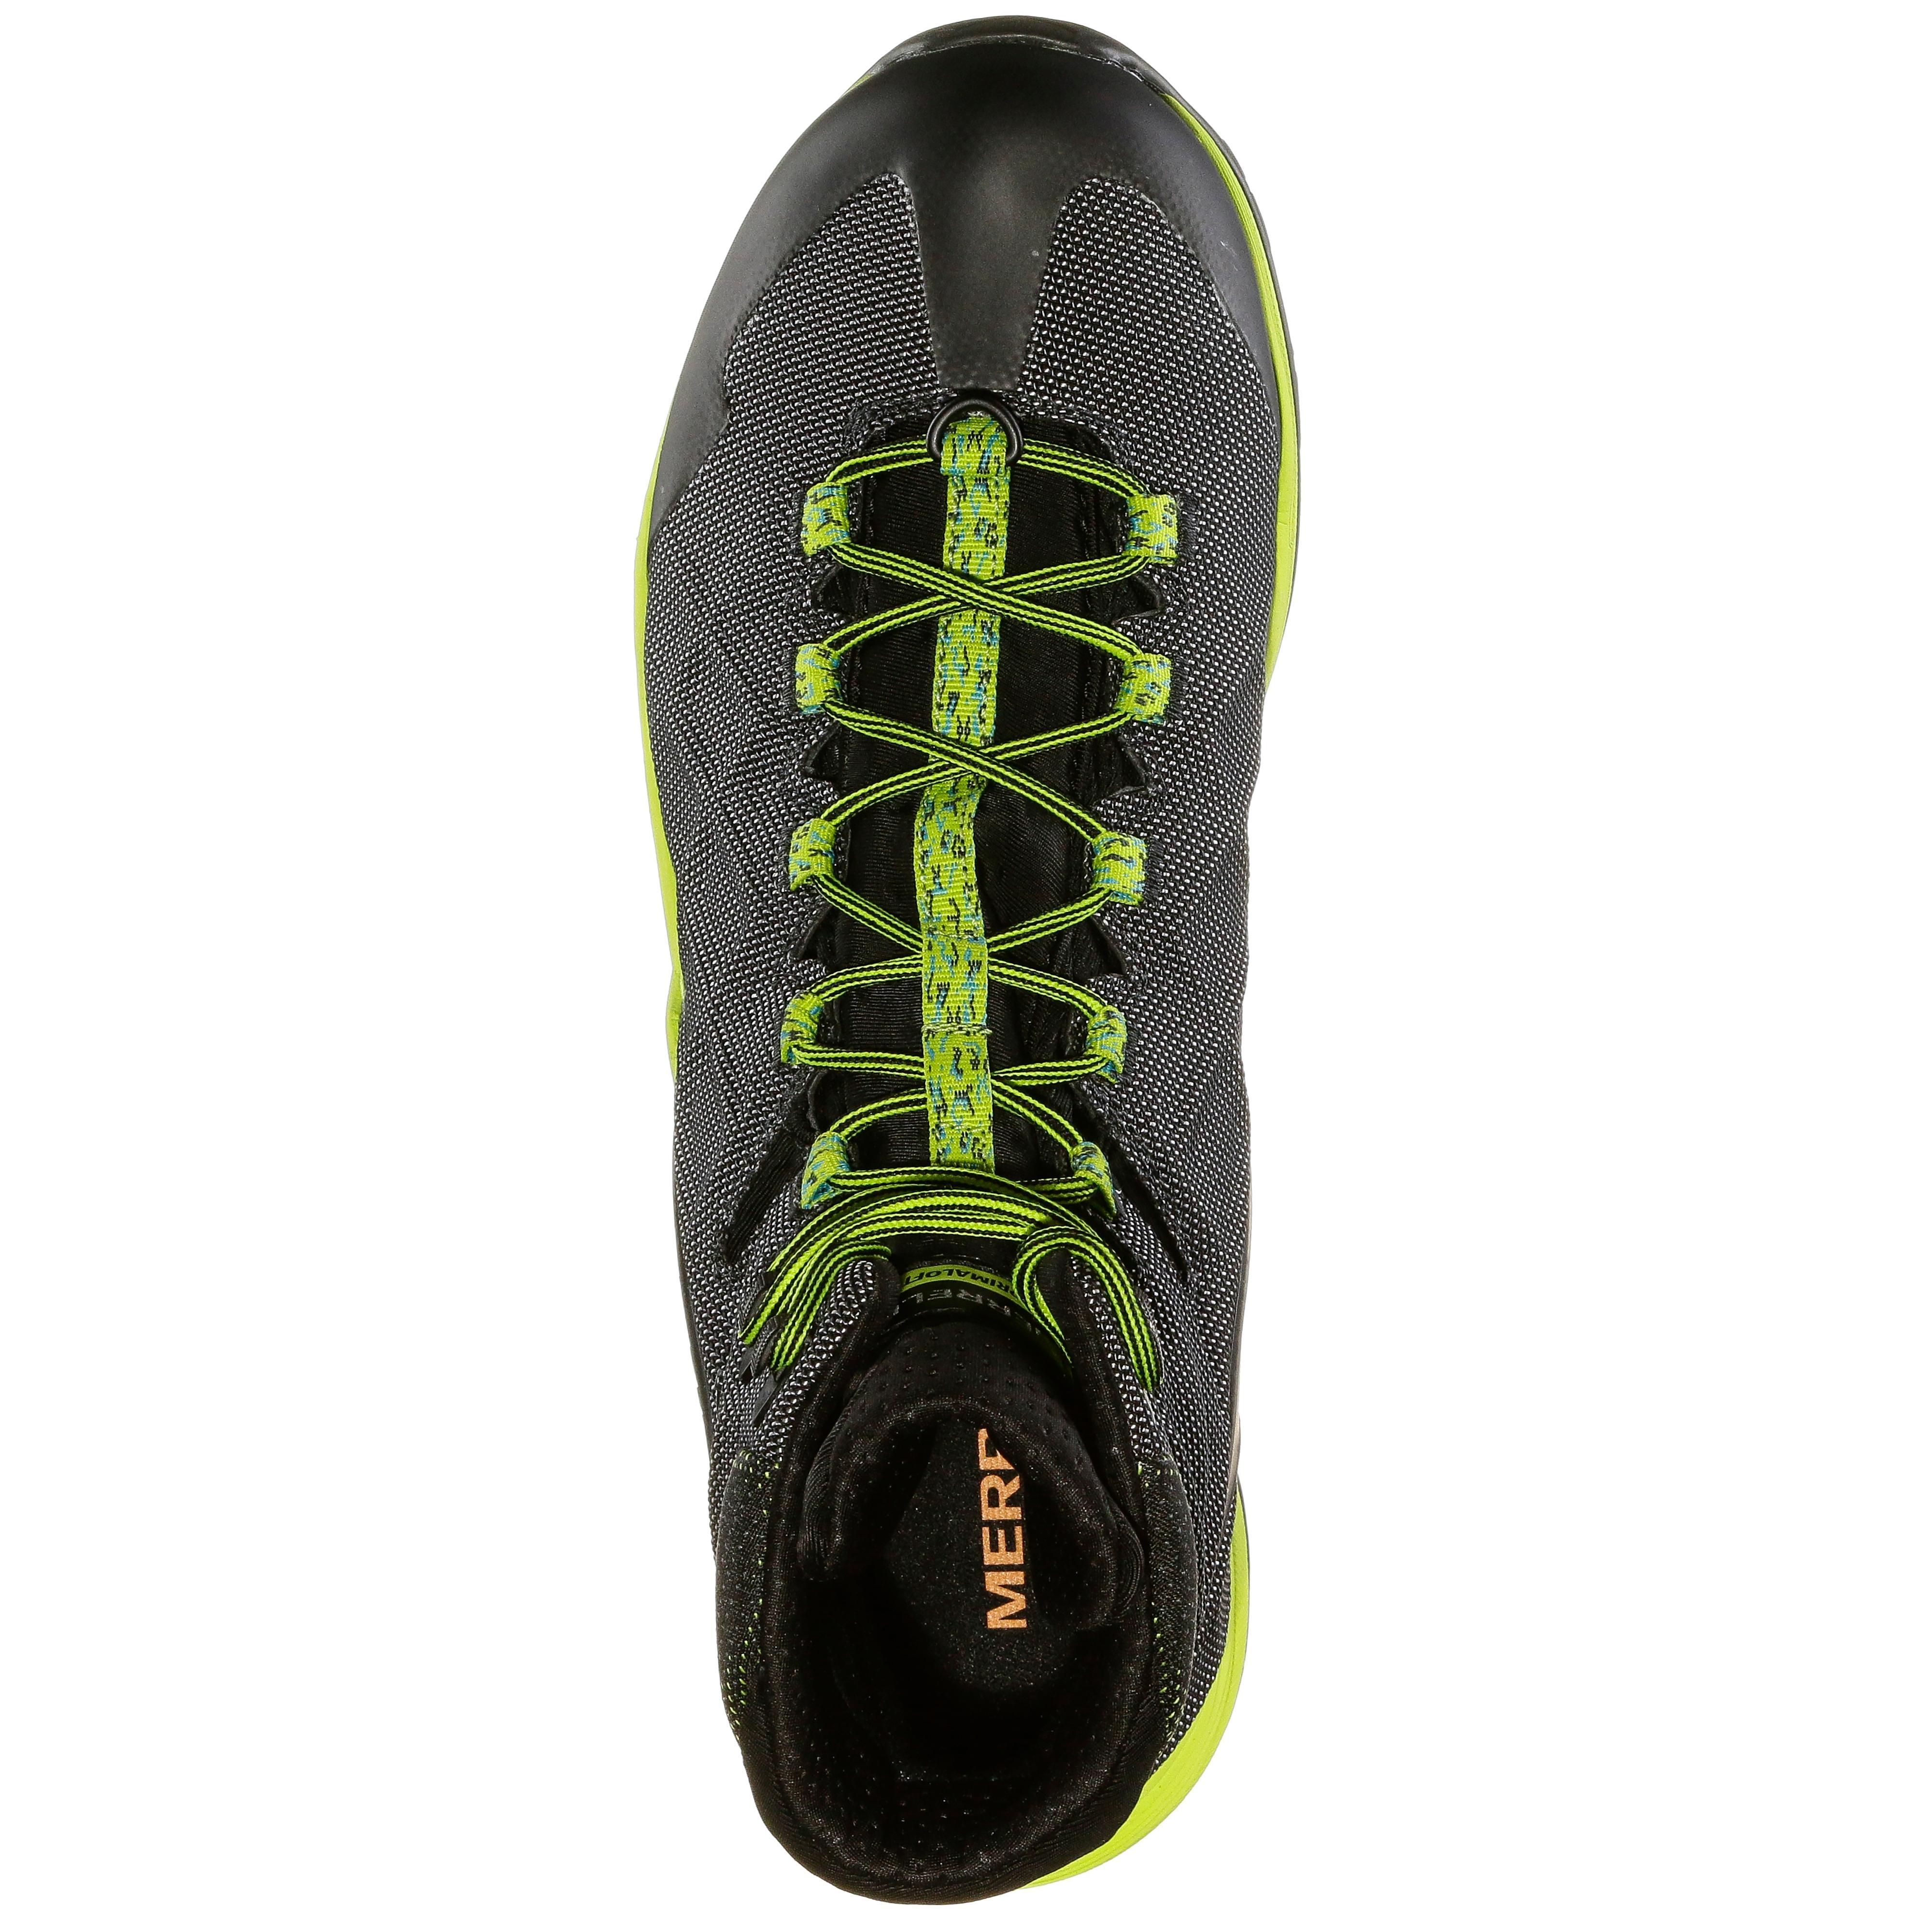 Merrell Thermo Rogue GTX 6 GTX Rogue Winterschuhe Herren sublime im Online Shop von SportScheck kaufen Gute Qualität beliebte Schuhe a34f4a